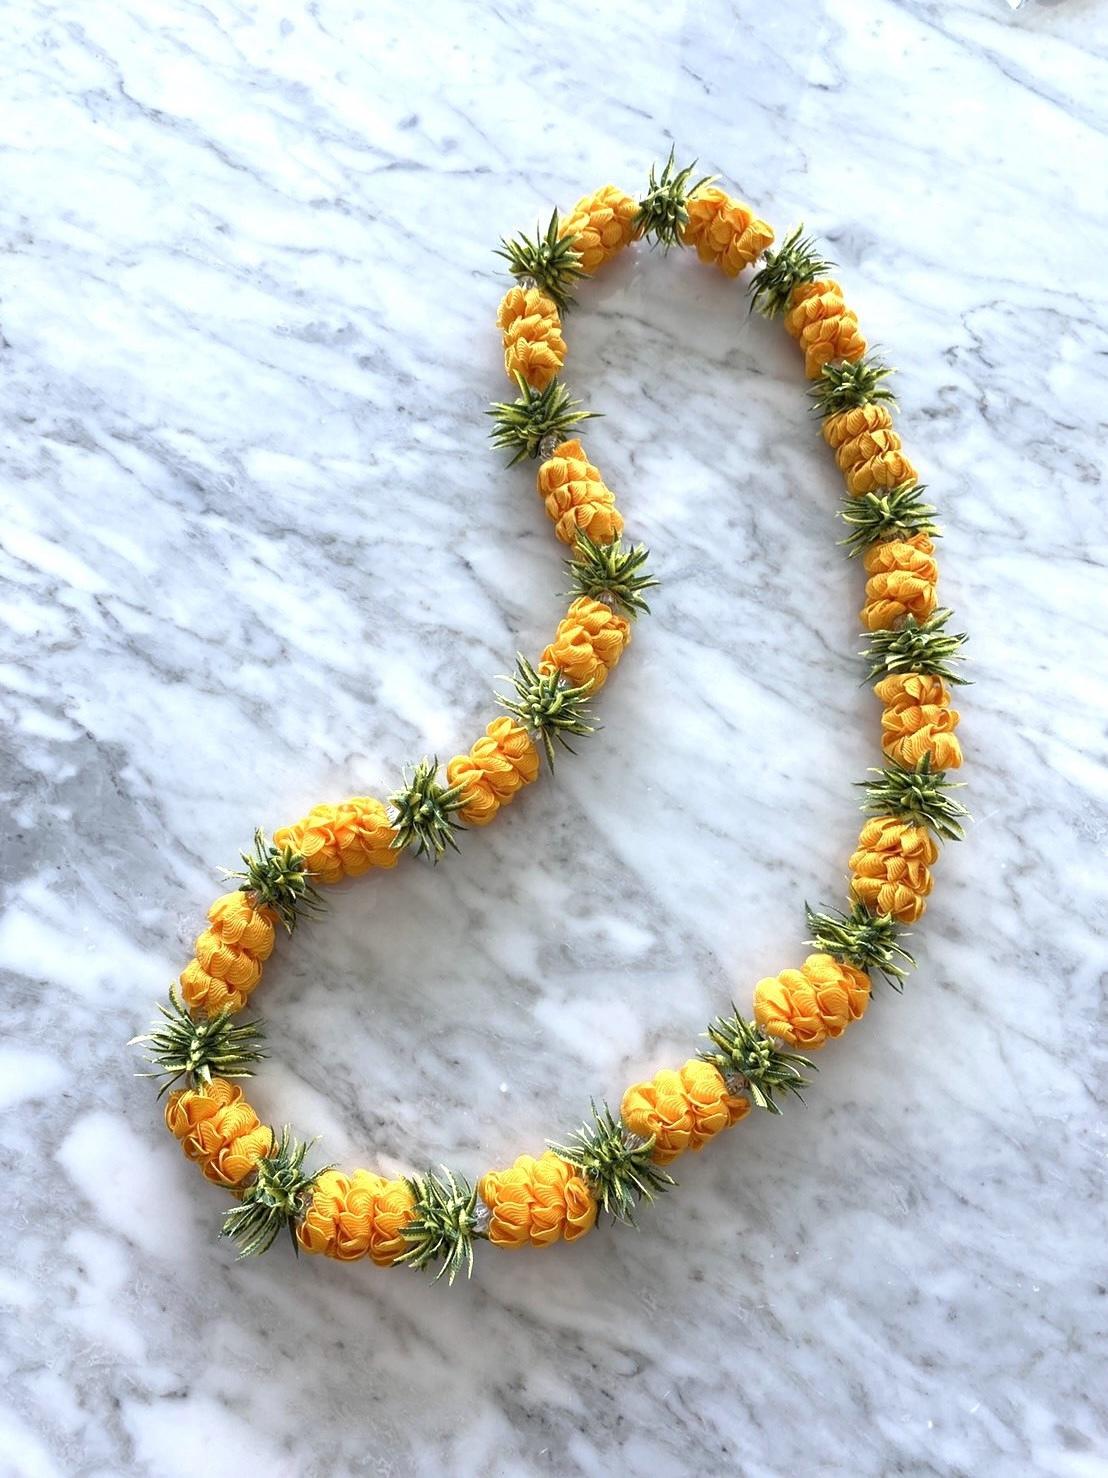 【モアナコア リボンカレッジ】 メイド ウィズ アロハ パイナップル  Made With Aloha Pineapple_c0196240_15185078.jpeg